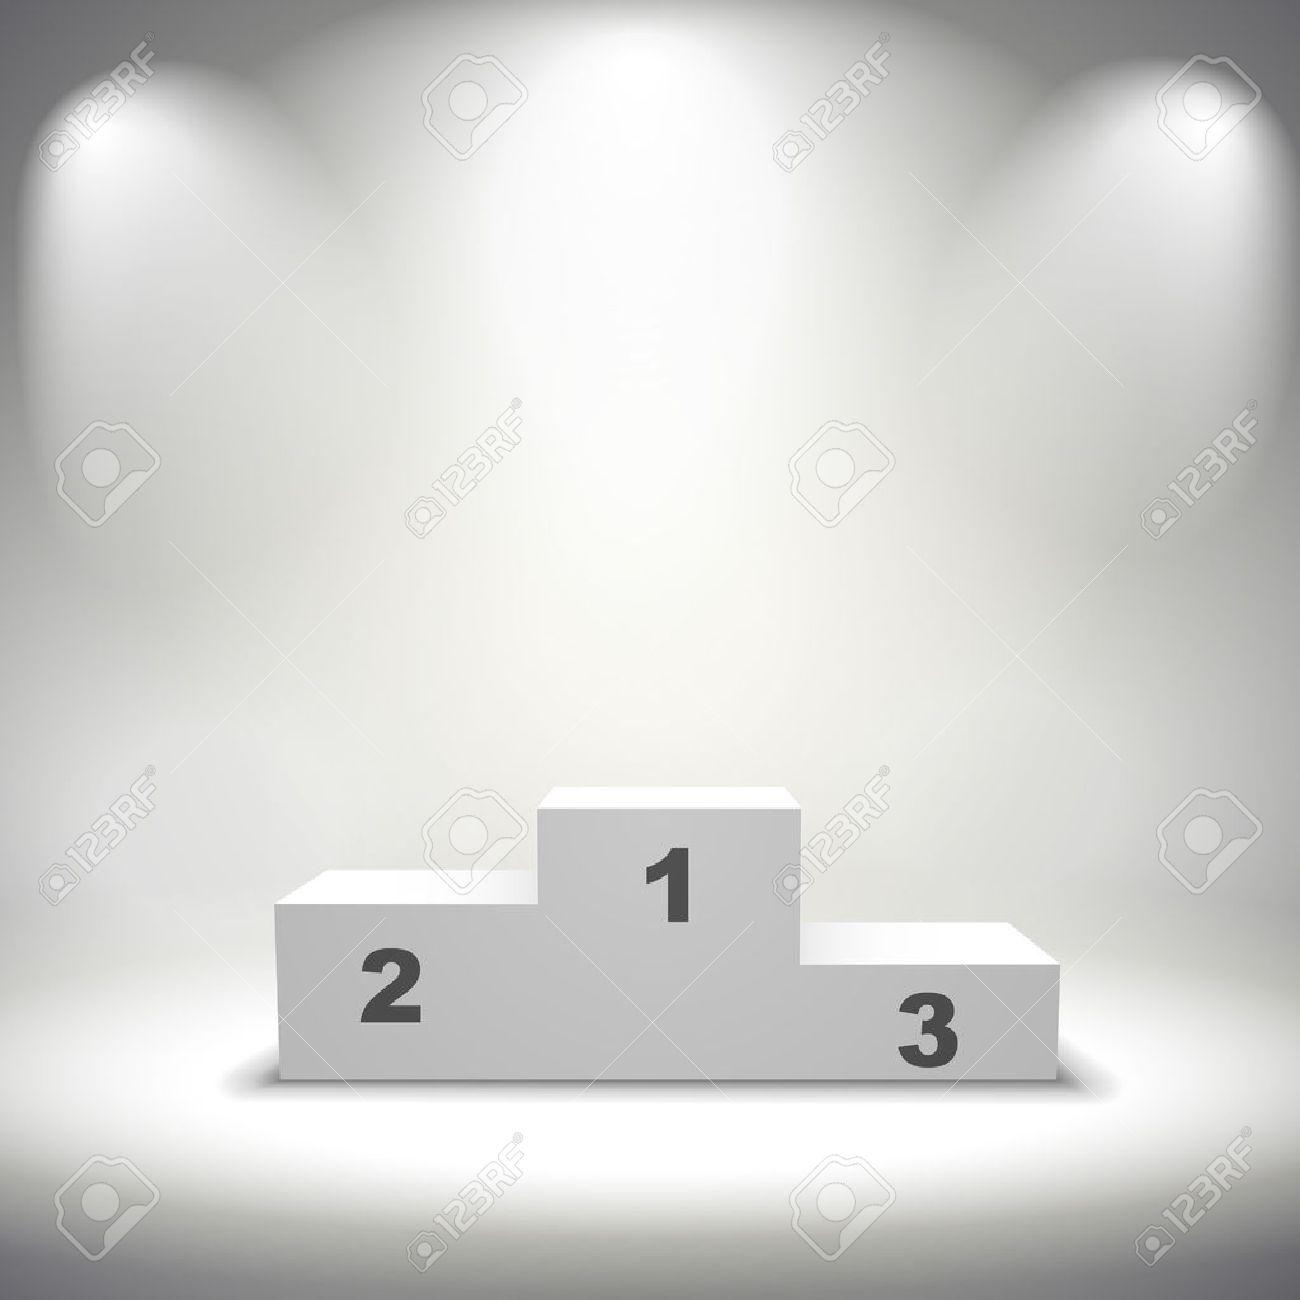 illuminated winners podium isolated on grey background - 32699371